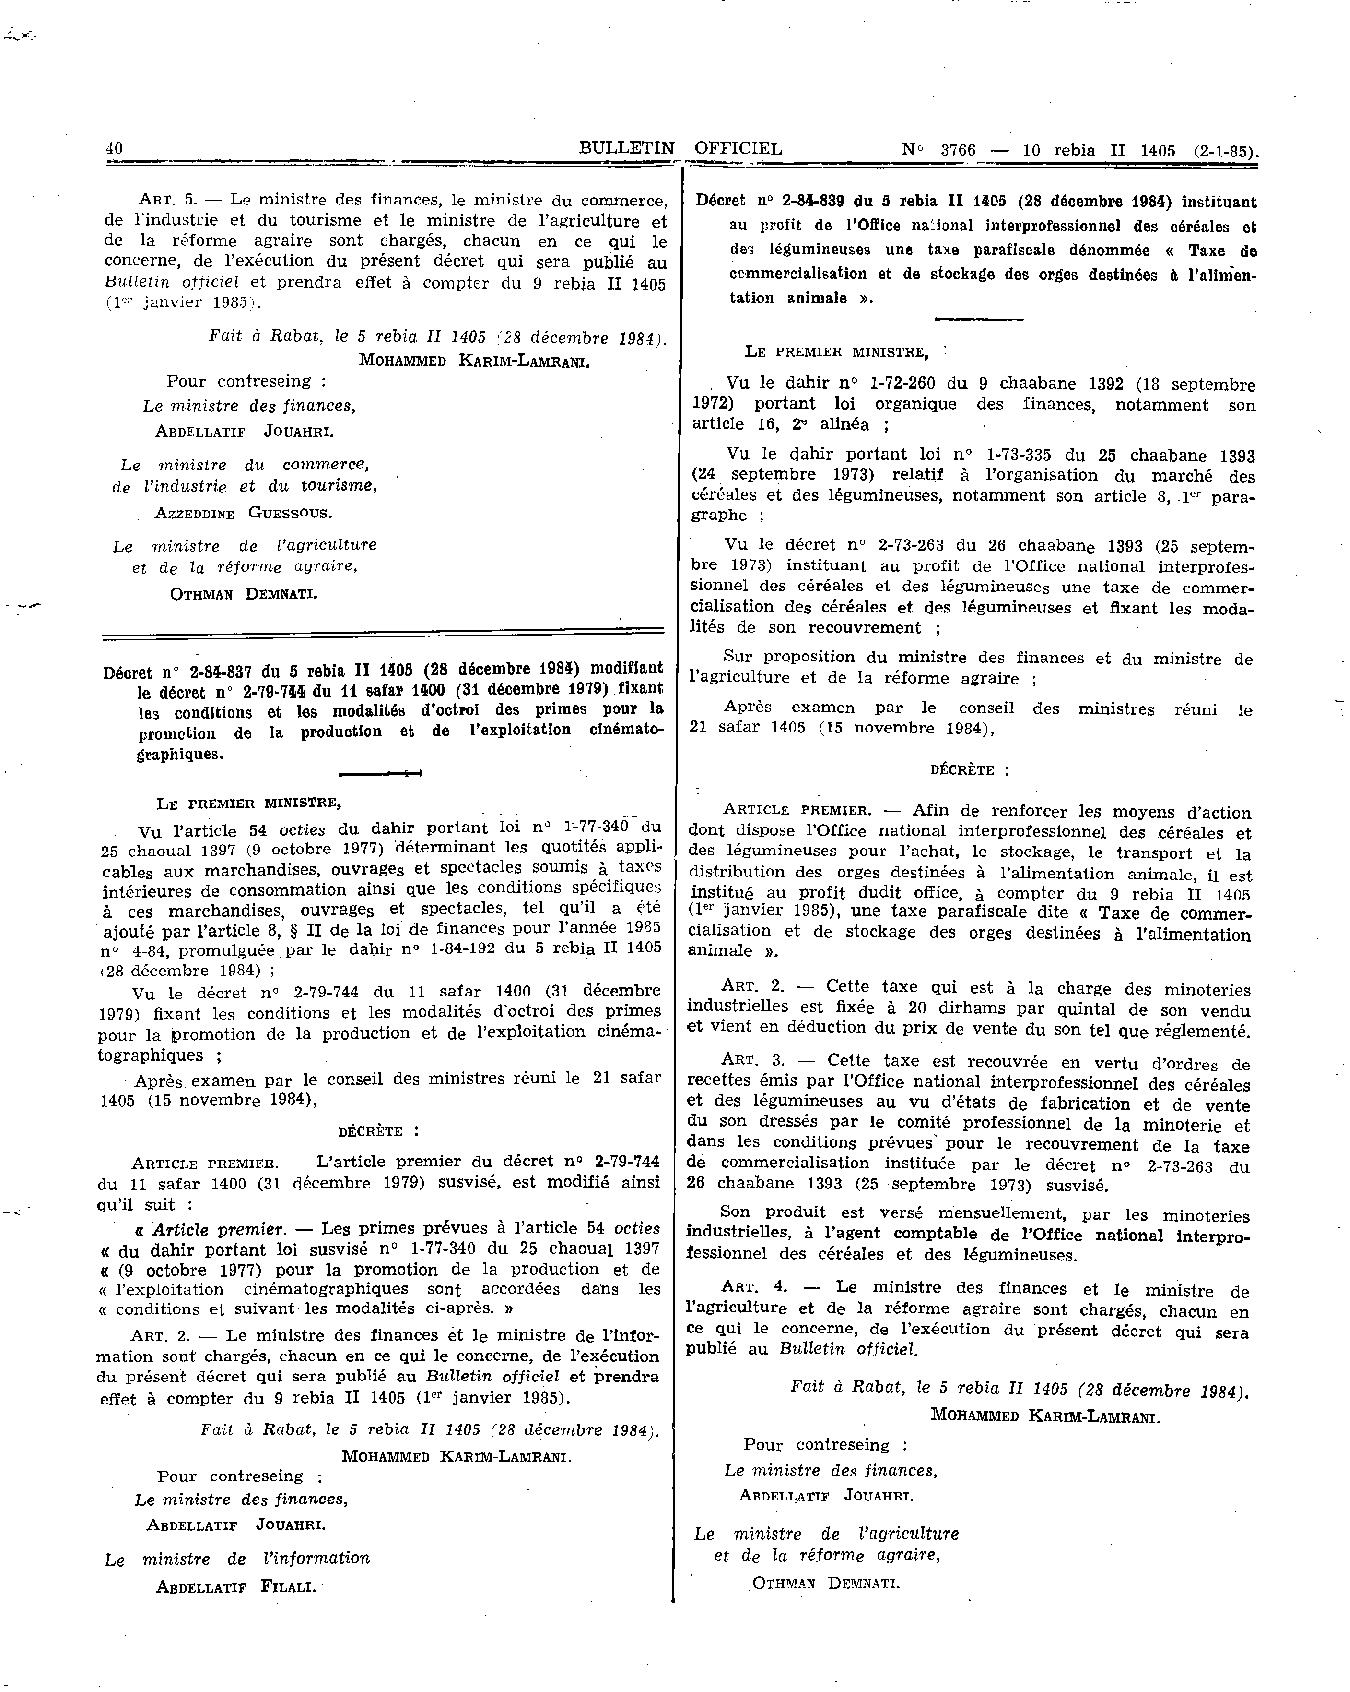 les-prix-maxima-des-acte-et-service-medicaux-dans-le-secteur-prive-040